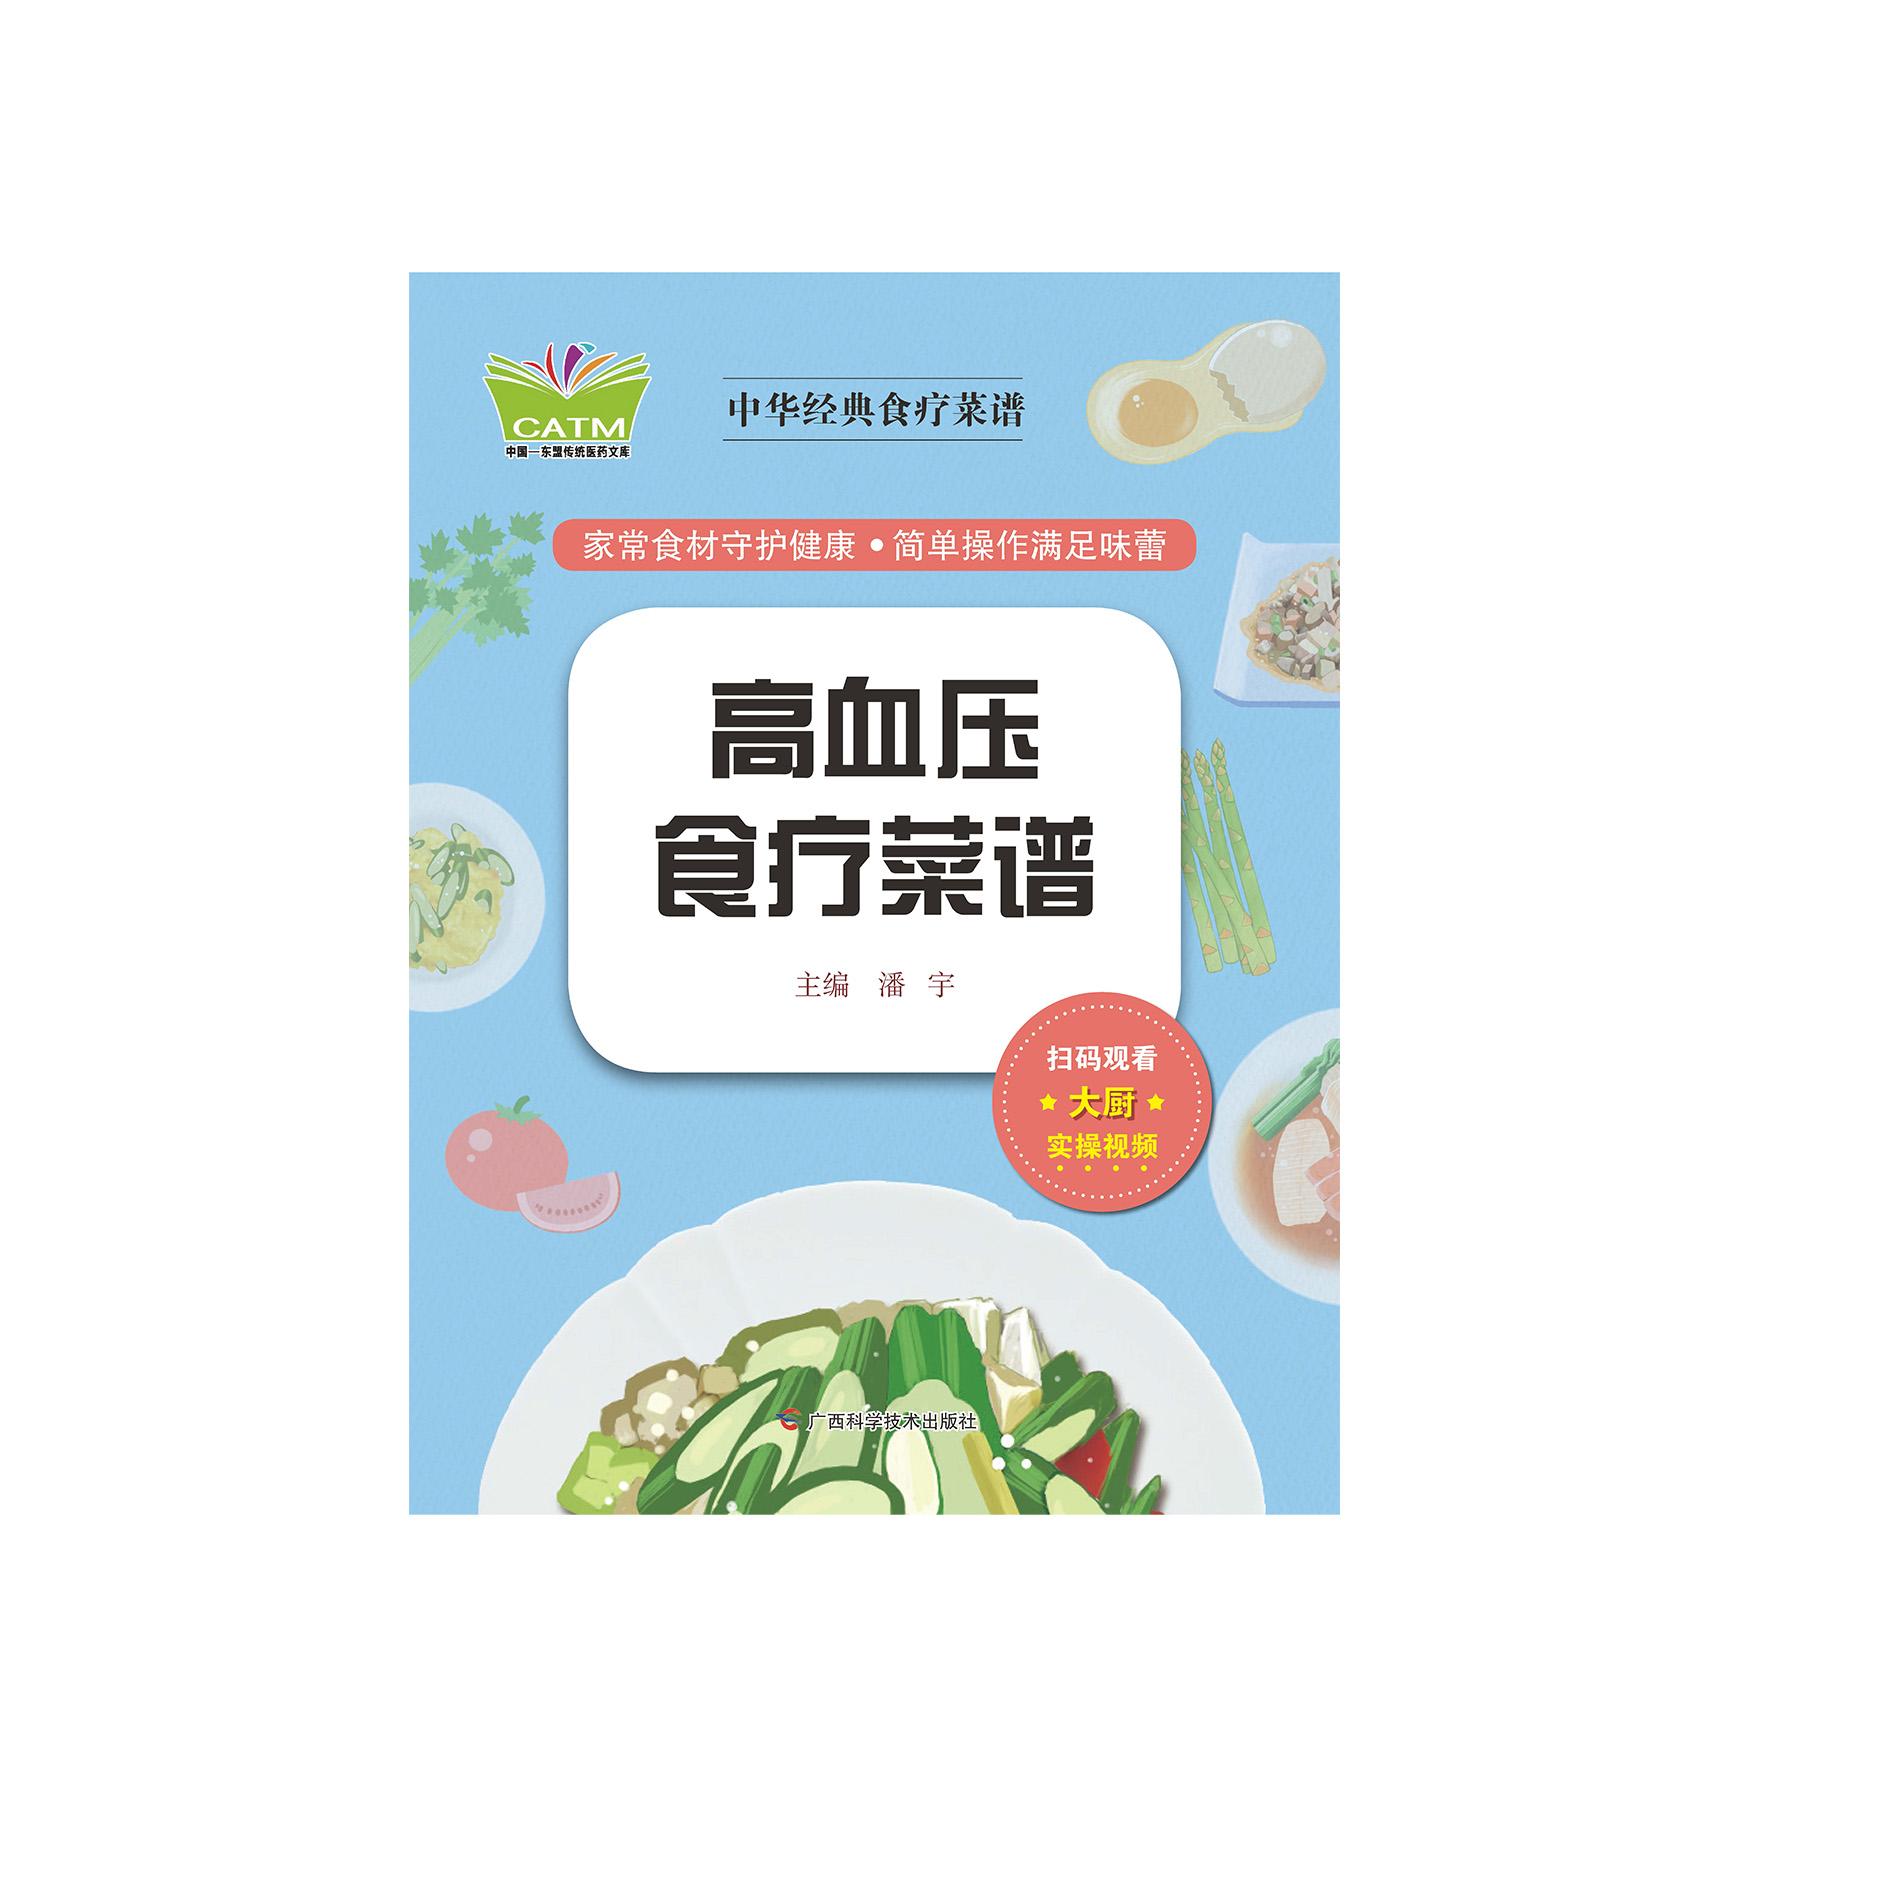 เมนูอาหารจีนเพื่อสุขภาพ สูตรต้นตำรับ • ความดันโลหิตสูง